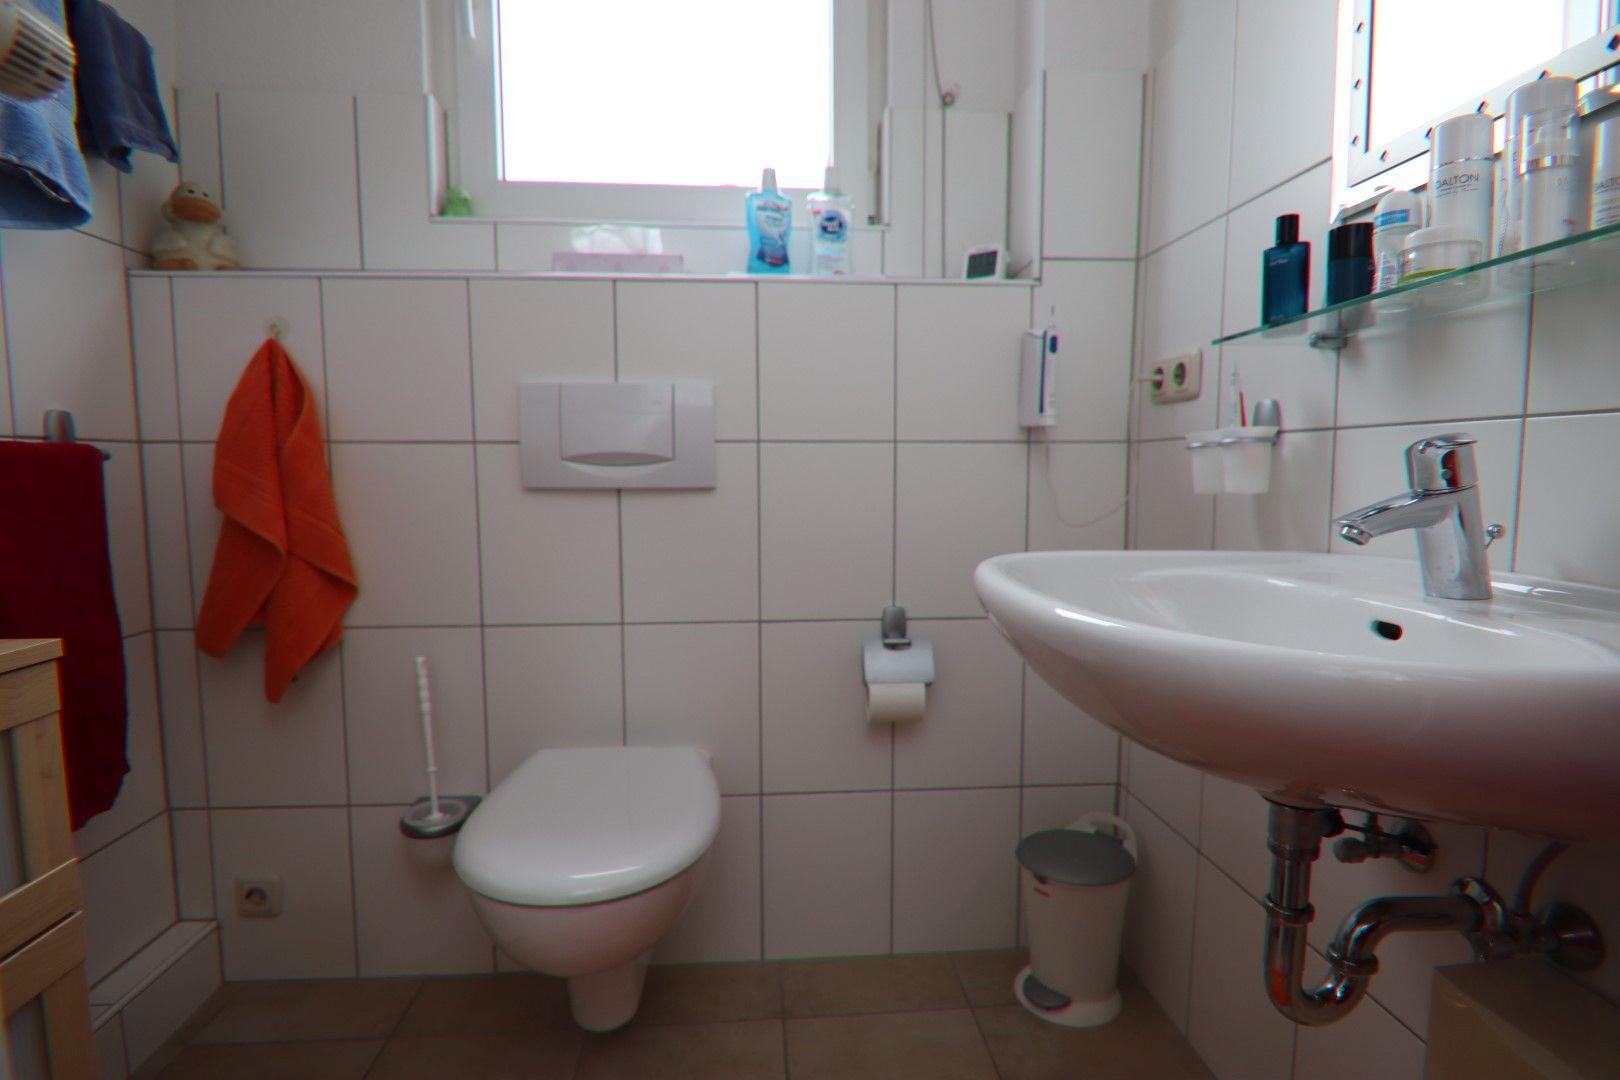 Immobilie Nr.0281 - Freistehendes EFH mit Vollkeller, Wintergarten u. Garage  - Bild 16.jpg